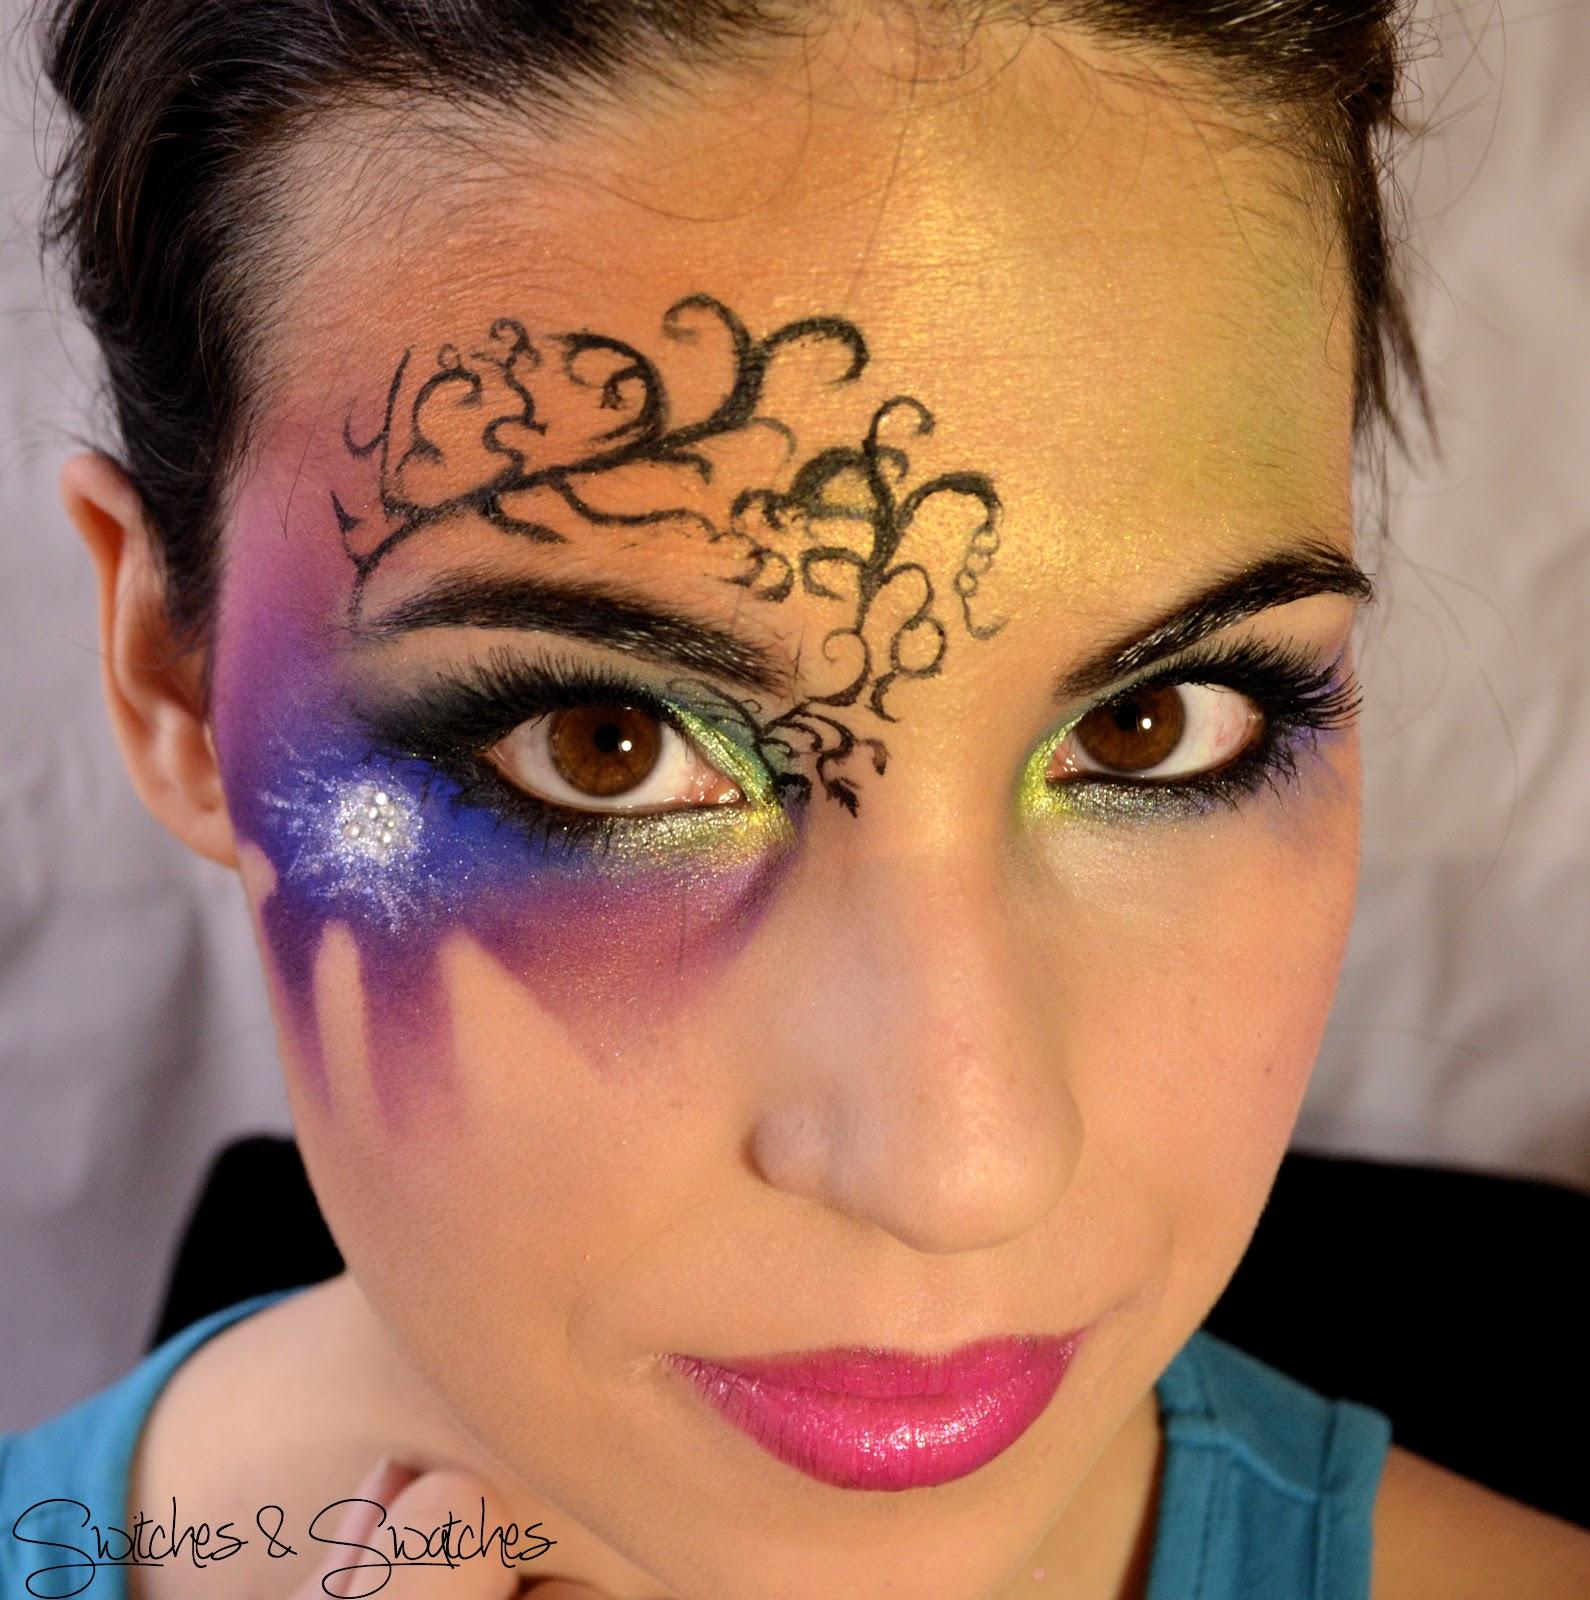 Ͽ������ Ͽ������� Ͽ�������� Ͽ��������� Ͽ�������� Ͽ�����: Maquillaje De Fantasía Para Halloween 2018